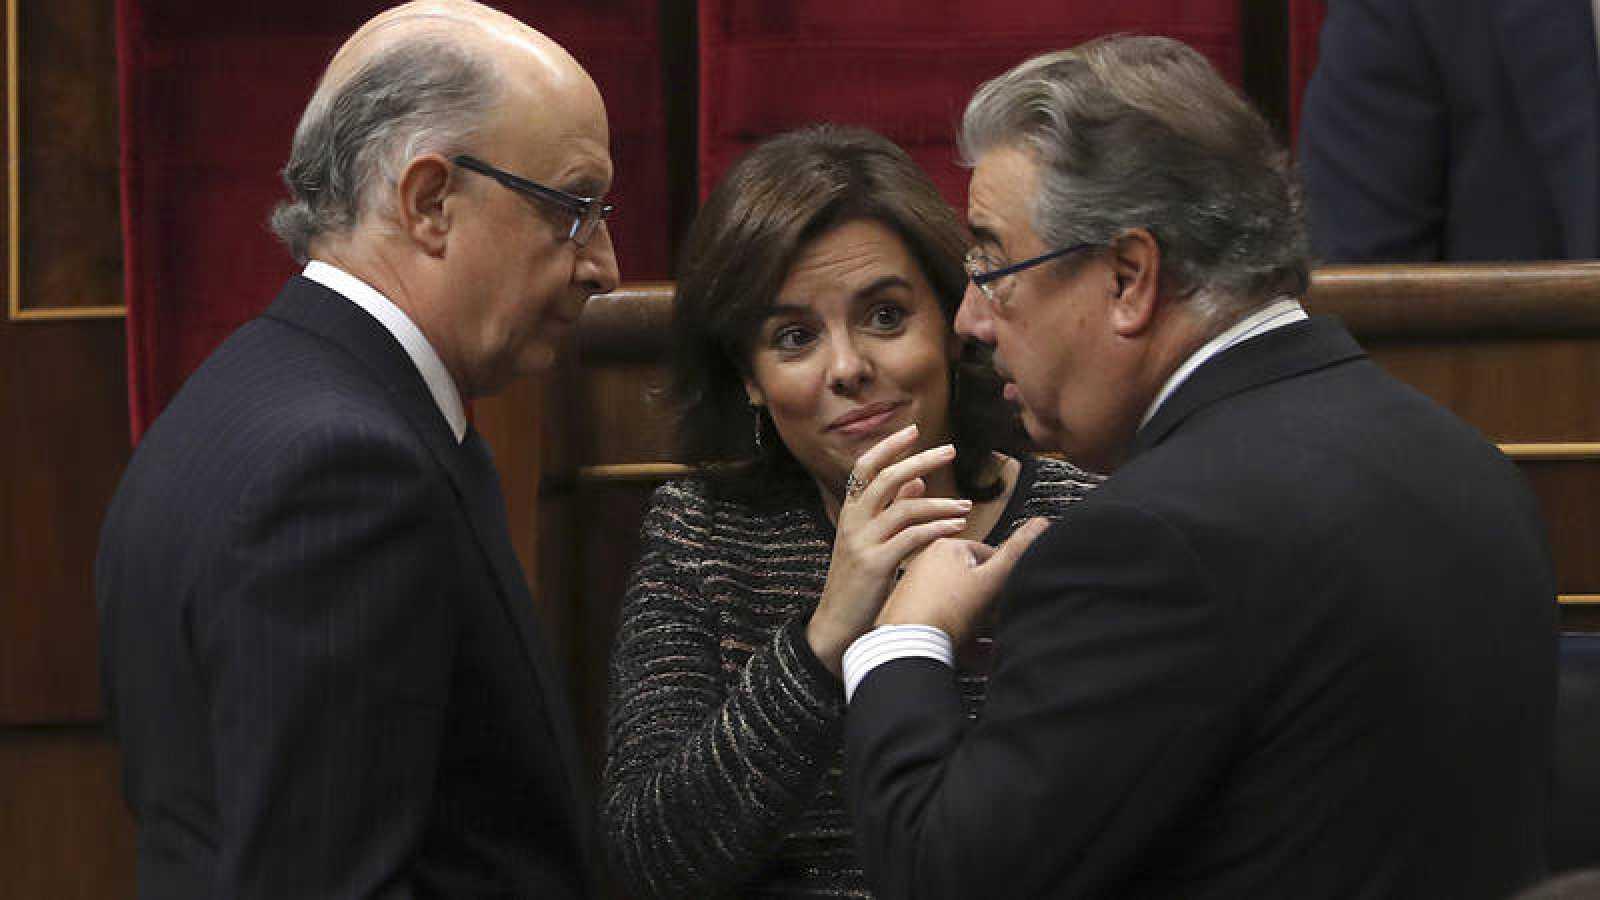 La vicepresidenta del Gobierno, Soraya Sáenz de Santamaría, junto con el ministro de Hacienda, Cristóbal Montoro y el de Interior, Juan Ignacio Zoido